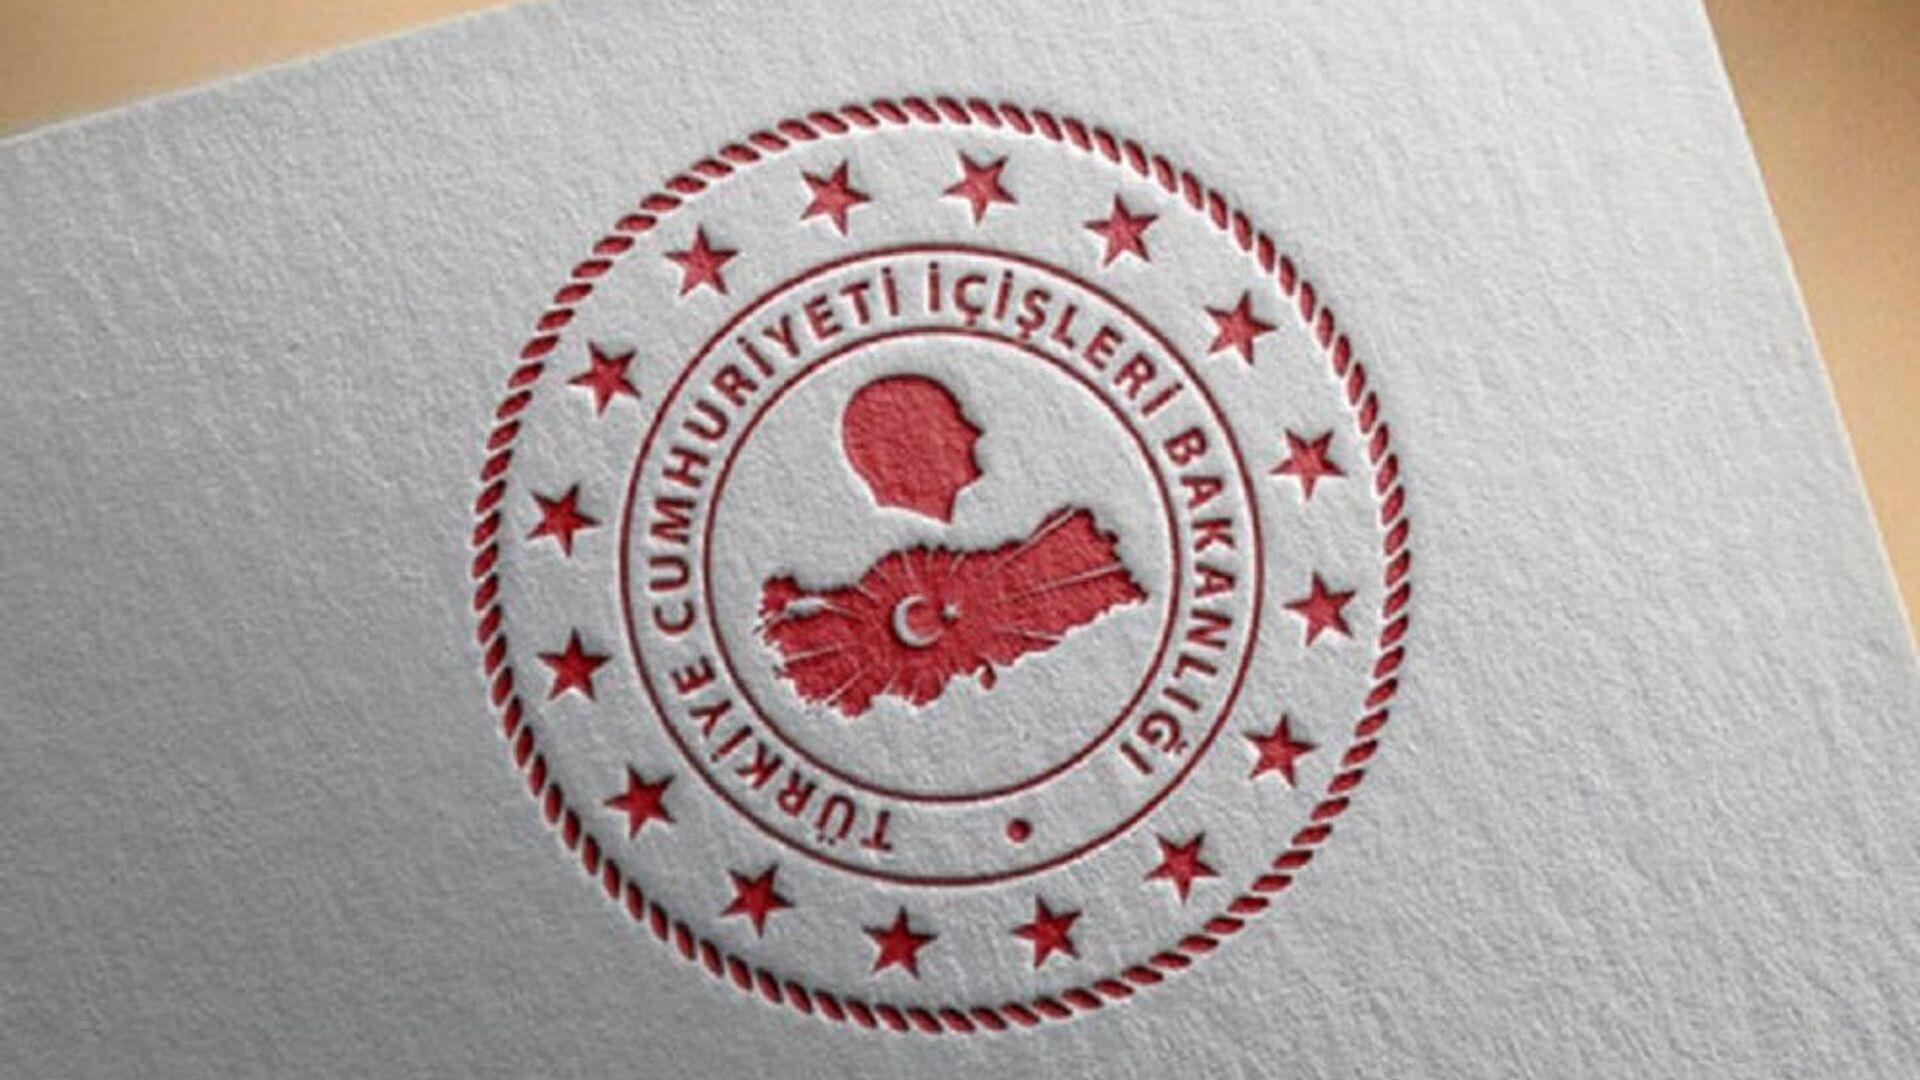 İçişleri Bakanlığı - Sputnik Türkiye, 1920, 23.09.2021